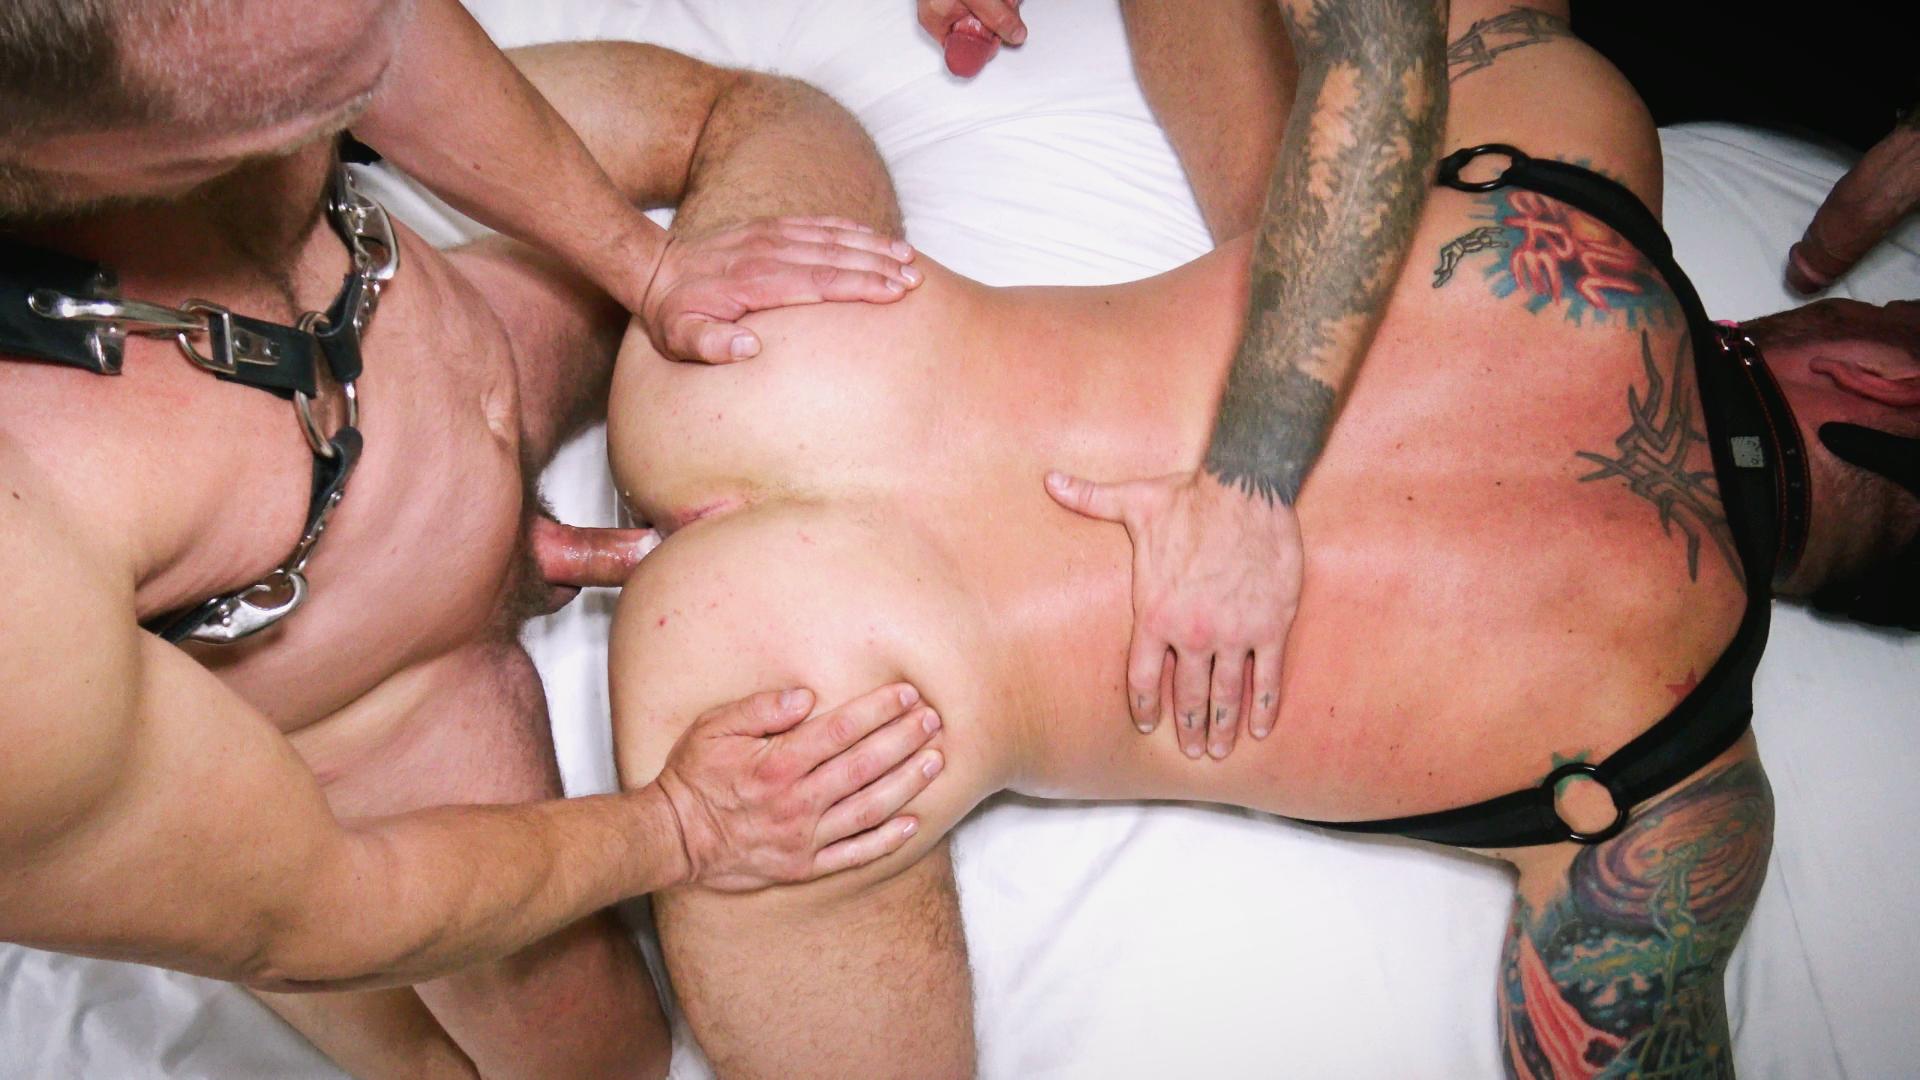 from Carlos gay man pain video